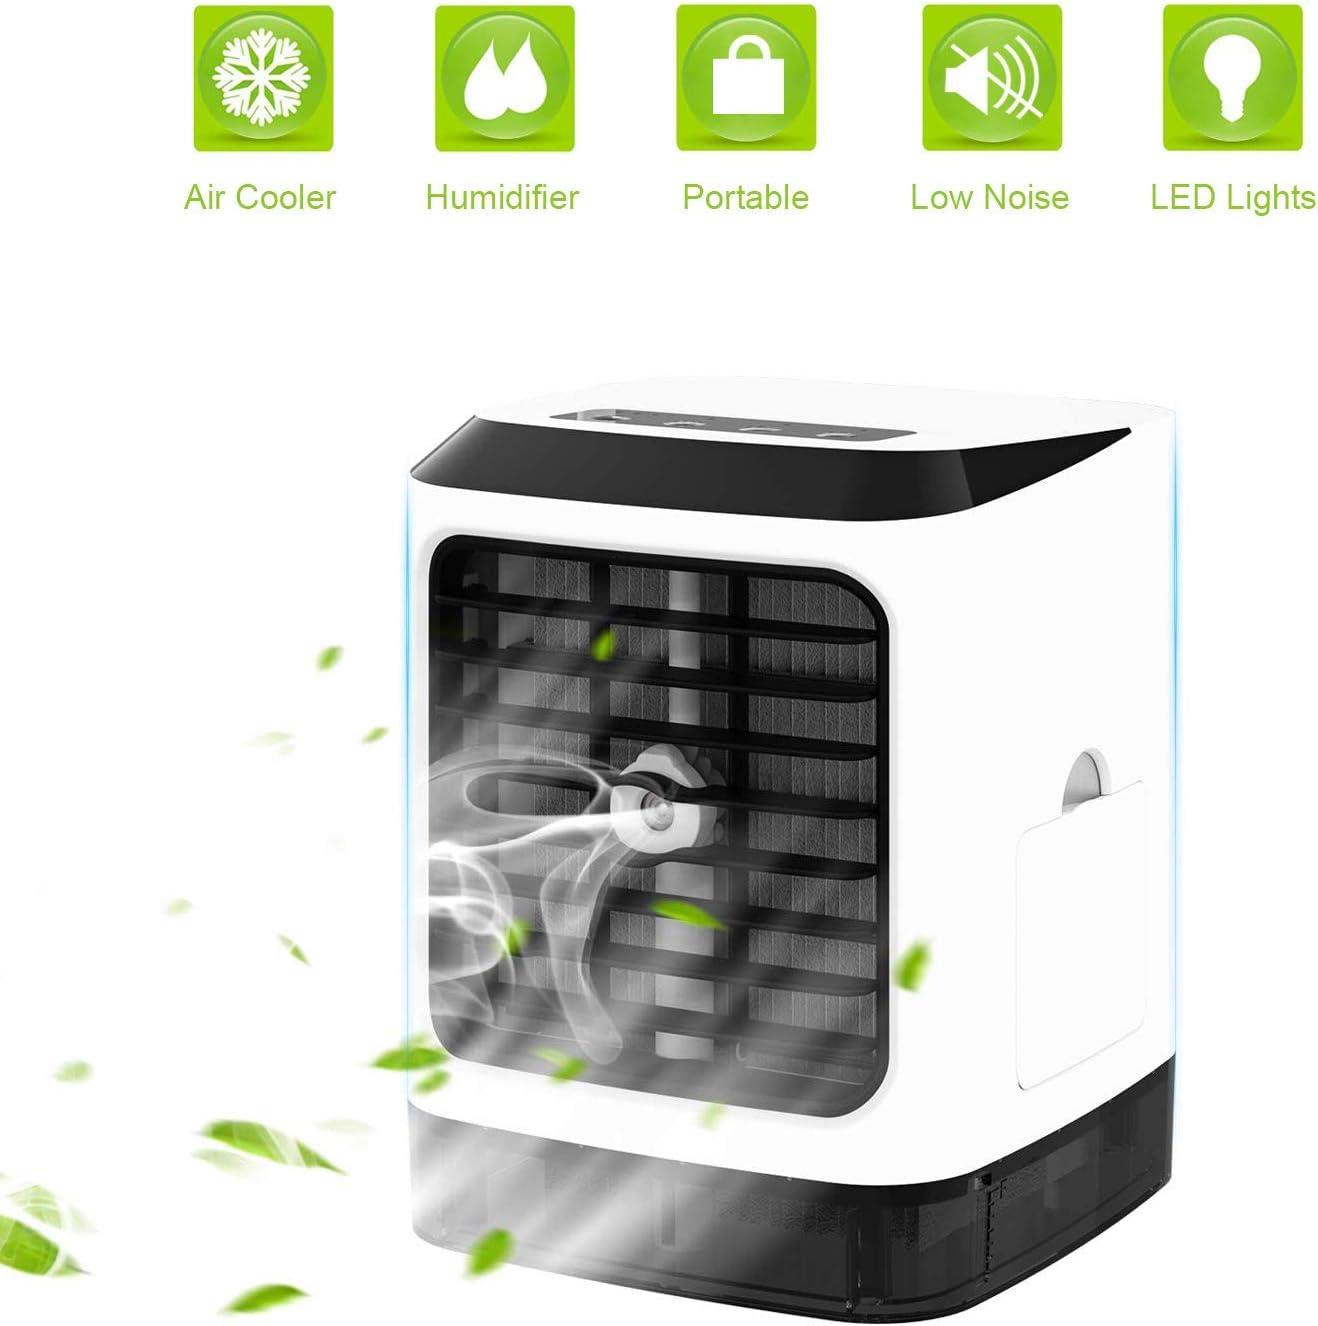 Aire Acondicionado Portátil Air Cooler Humidificador ,4 en 1 Aire Acondicionado Portátil con Mango Oficina Ventilador de Escritorio Mini Ventilador para el hogar, interior, cocina, al aire libre